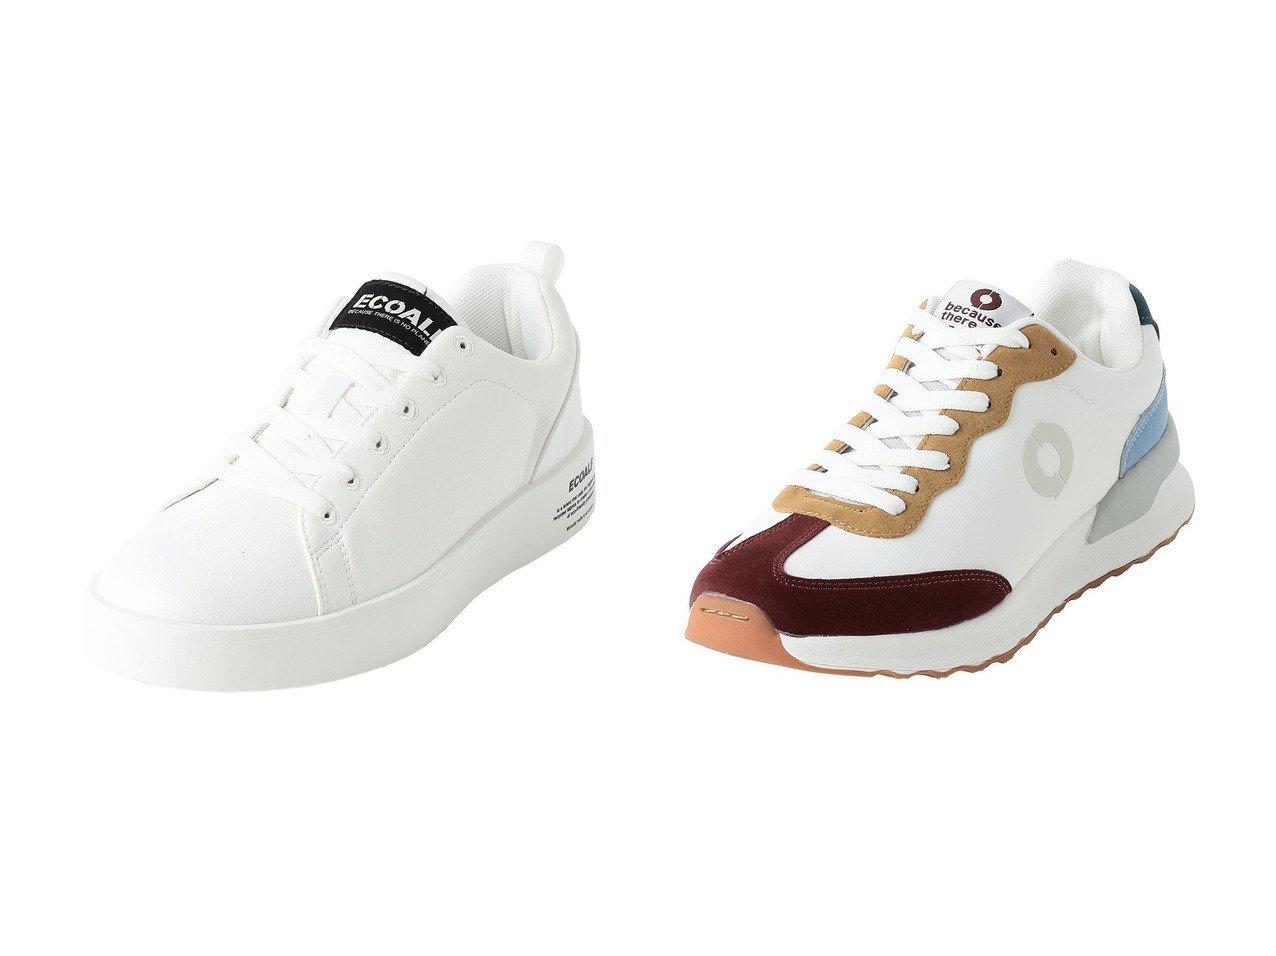 【ECOALF/エコアルフ】のPRINCE スニーカー&ELIOT GRAPE スニーカー 【シューズ・靴】おすすめ!人気、トレンド・レディースファッションの通販 おすすめで人気の流行・トレンド、ファッションの通販商品 インテリア・家具・メンズファッション・キッズファッション・レディースファッション・服の通販 founy(ファニー) https://founy.com/ ファッション Fashion レディースファッション WOMEN スニーカー フォルム ブロッキング 定番 Standard 軽量 オイル |ID:crp329100000072568